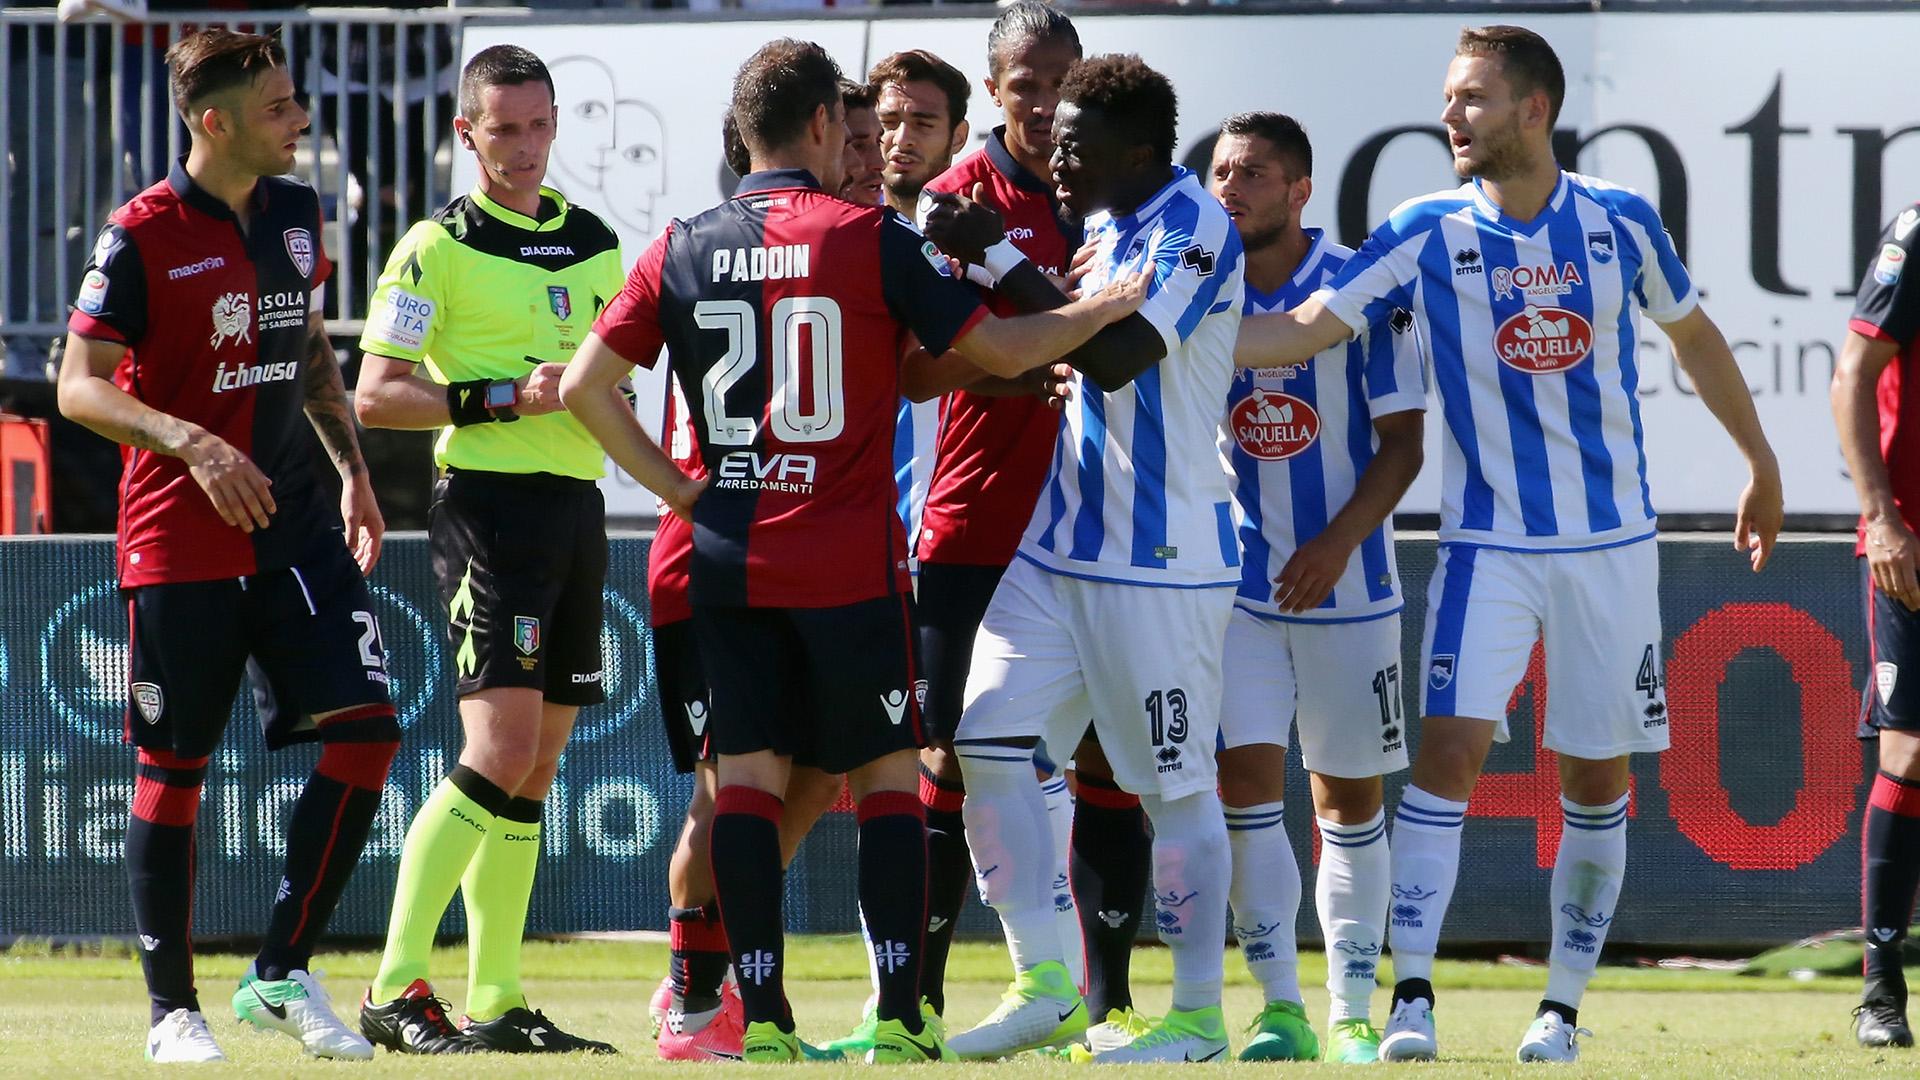 Il calcio italiano si arrende al razzismo: Muntari squalificato, pena sospesa per Inter (Koulibaly) e Lazio (Rudiger)